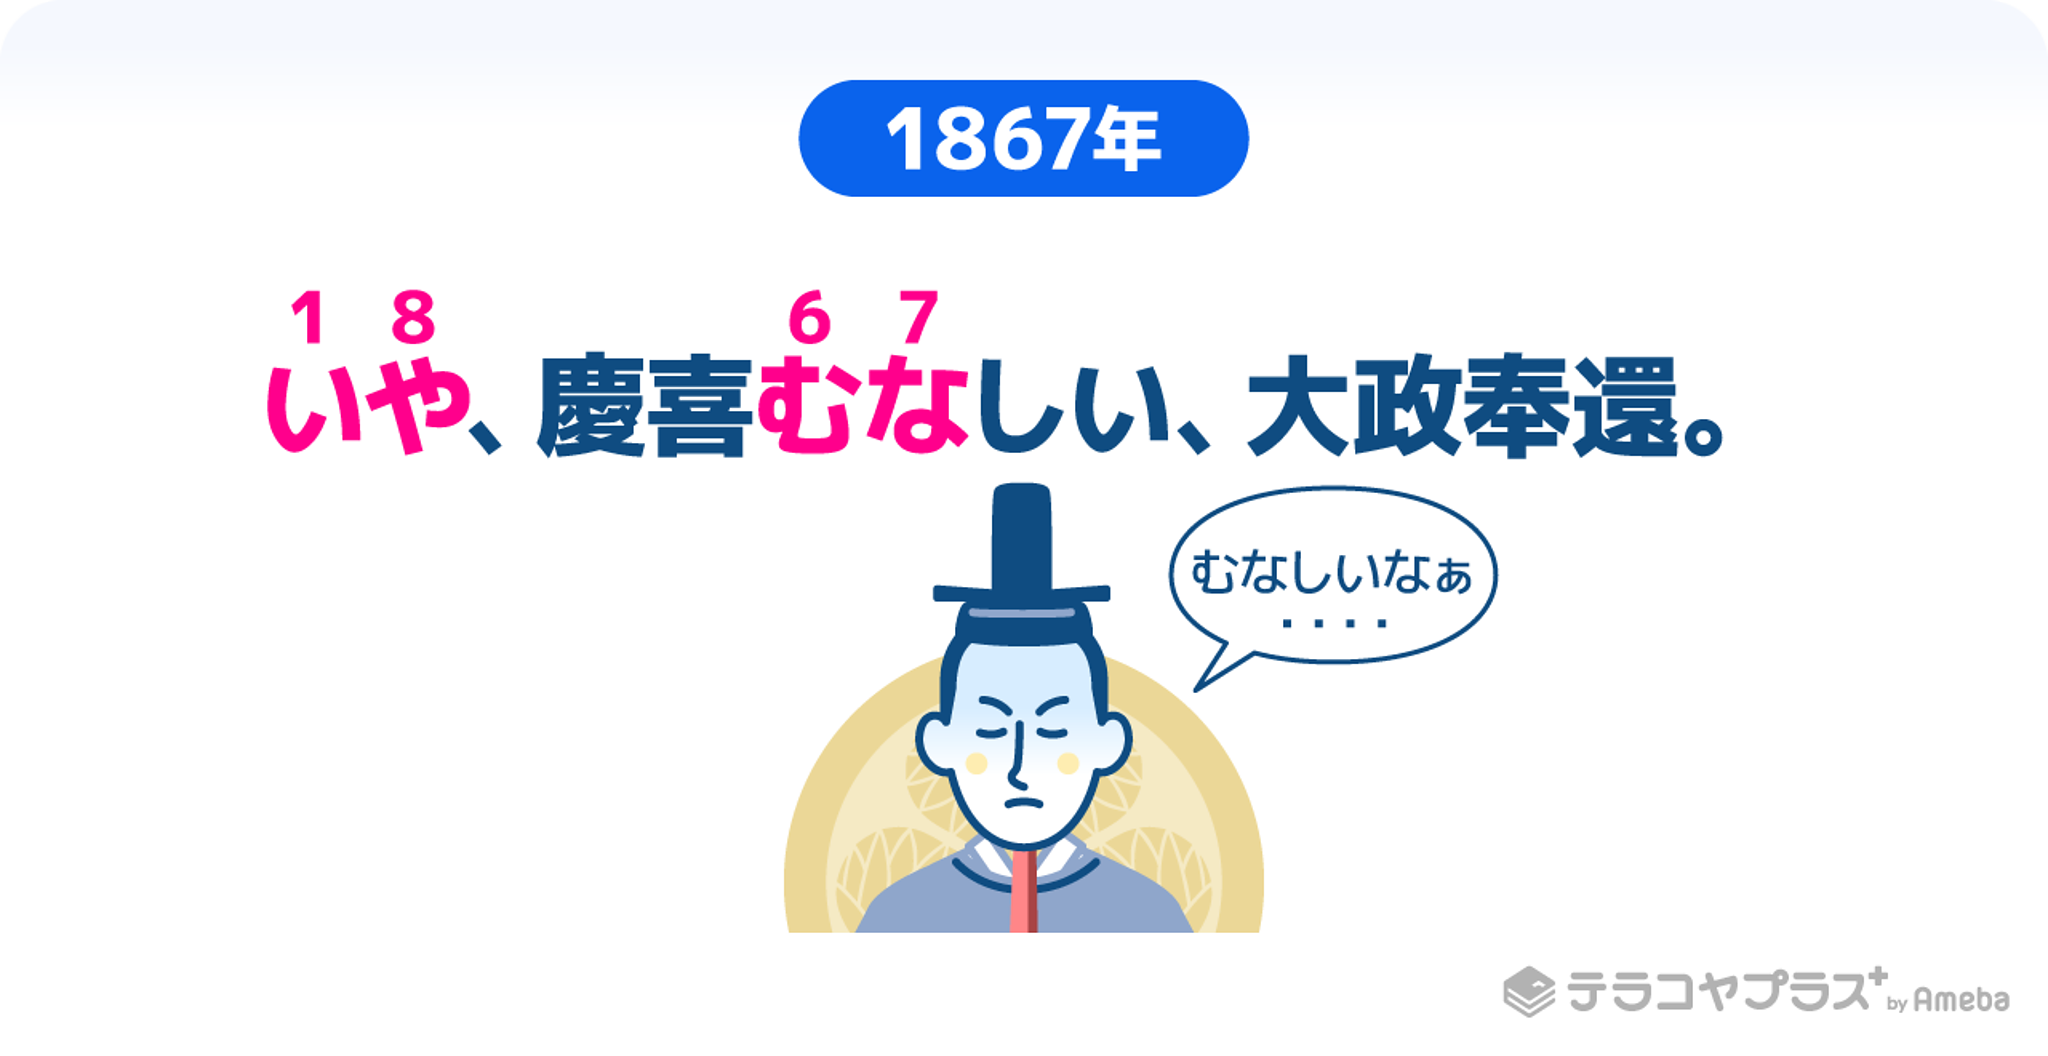 徳川慶喜がむなしいと言っているイラスト画像